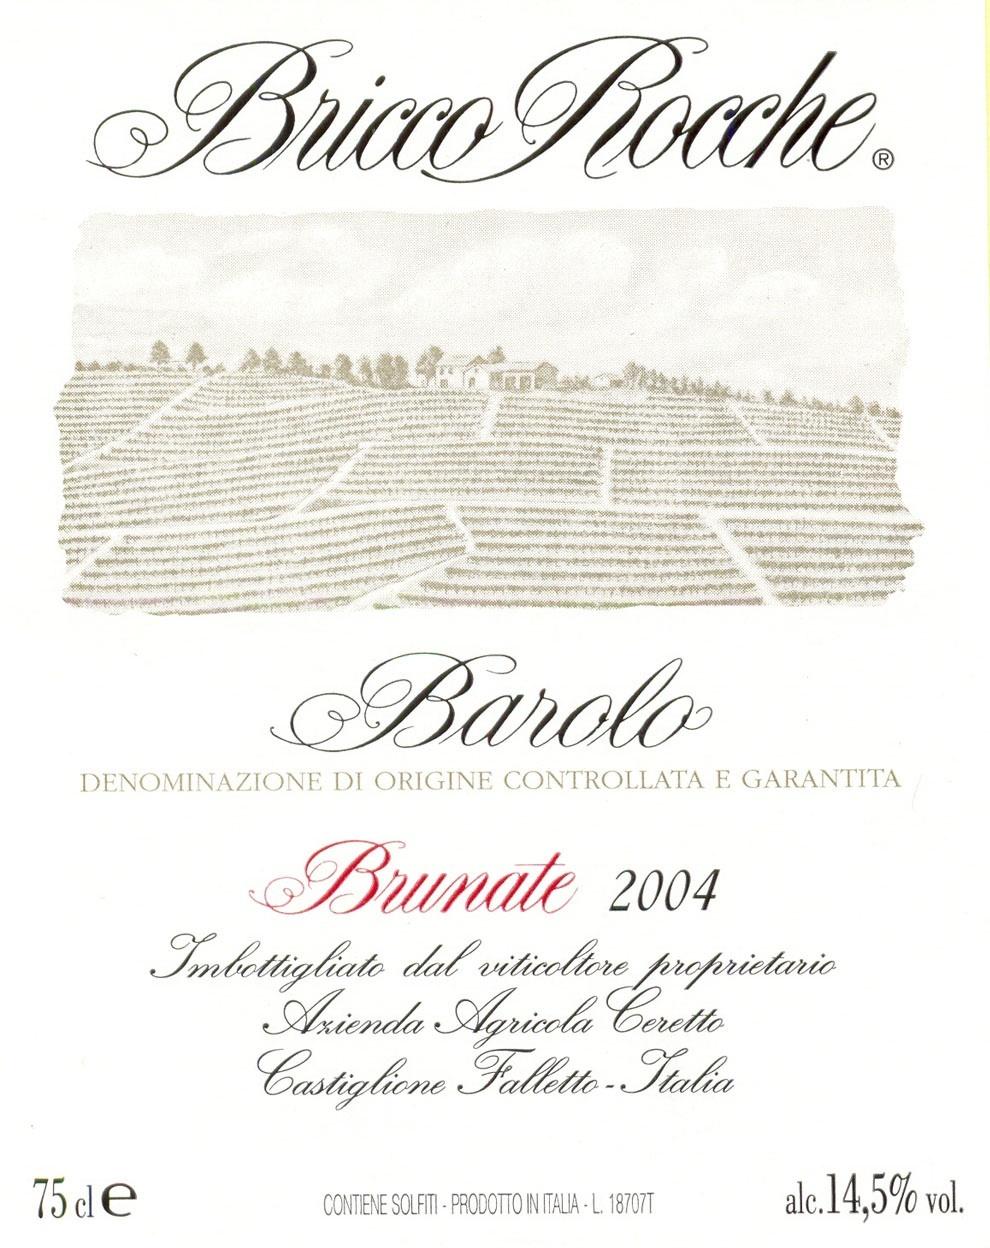 Barolo Brunate 2004 Ceretto Barolo Brunate